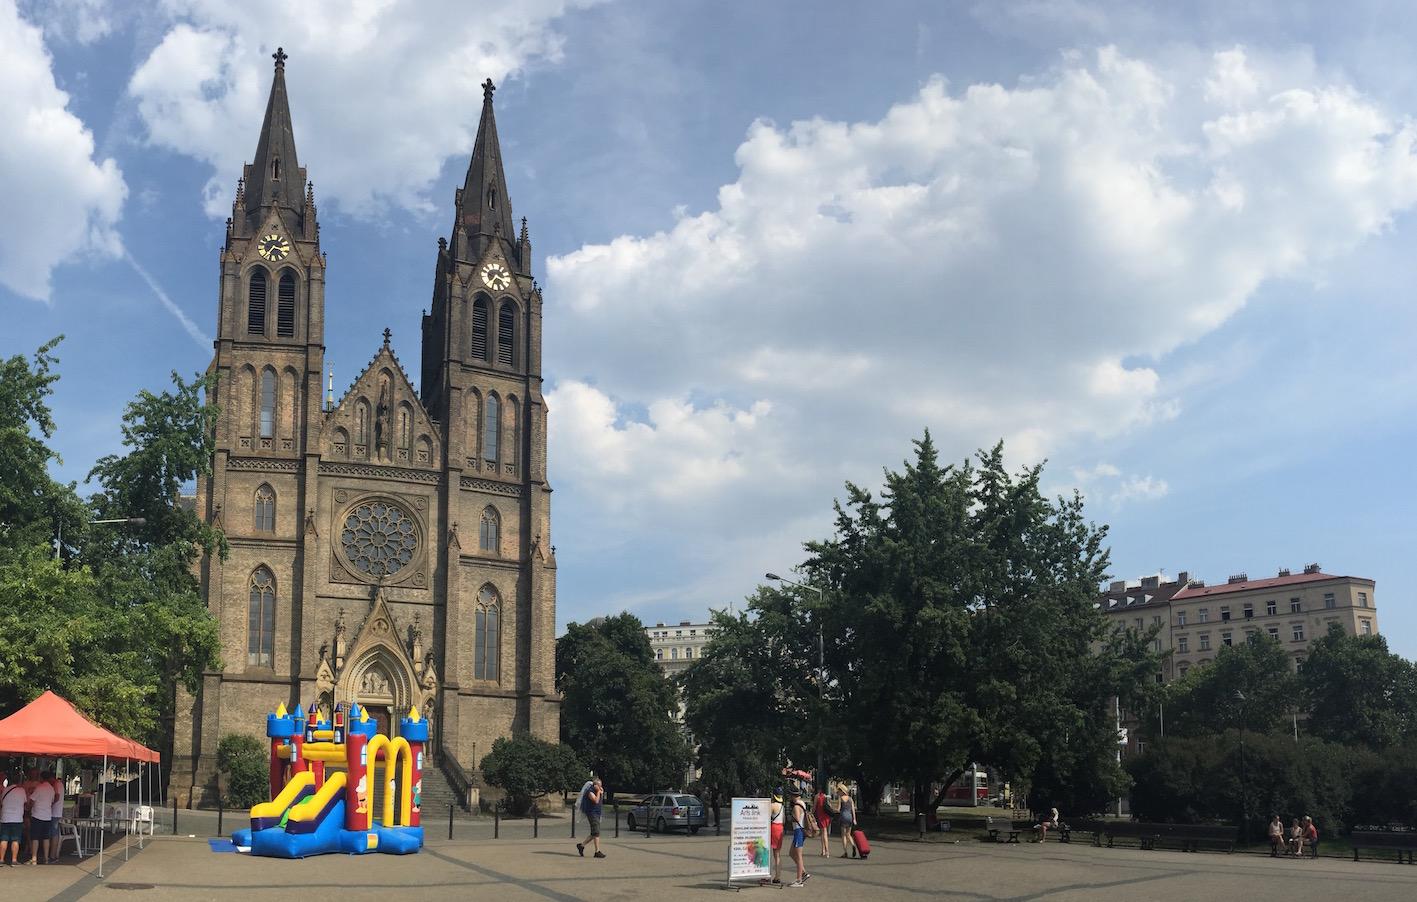 Church of St. Ludmila at Náměstí Míru (Peace Square)